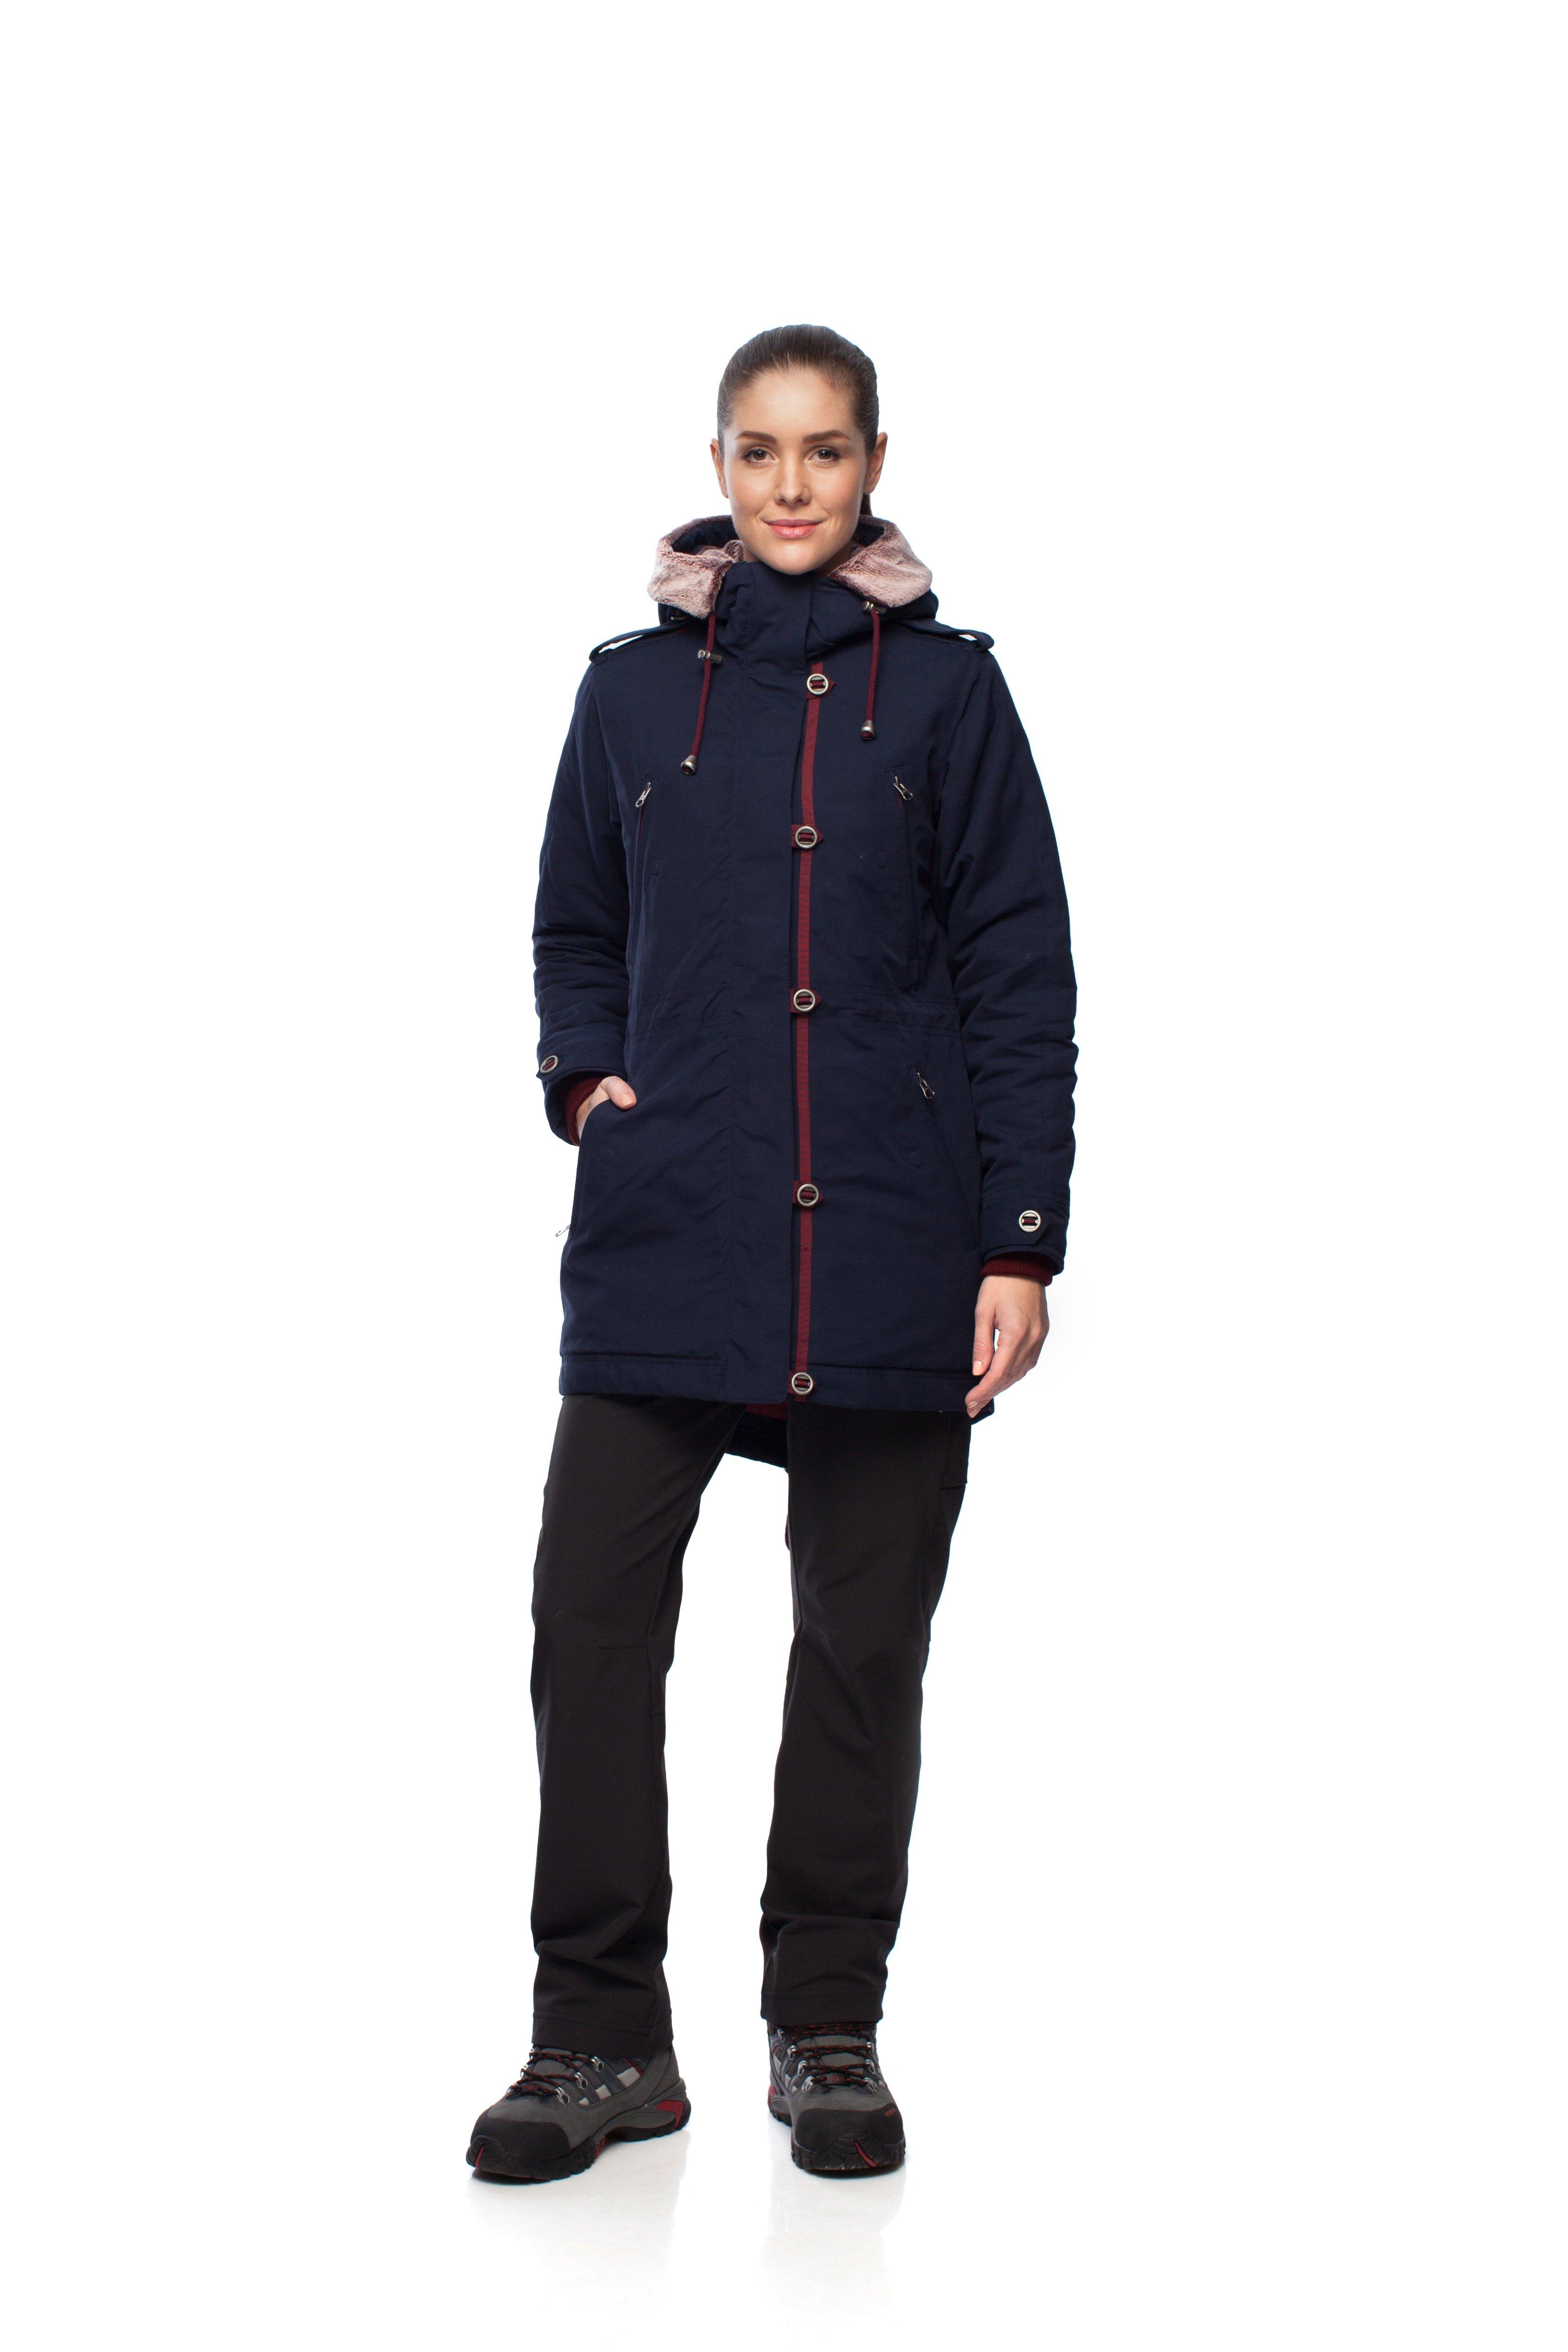 Куртка BASK SHL MEDEA 4558Удлиненная женская куртка на синтетическом утеплителе премиум класса Shelter&amp;reg;Sport из коллекции BASK City.<br><br>Верхняя ткань: Nylon 50%, Cotton 50%, Teflon WR<br>Вес граммы: 1625<br>Ветро-влагозащитные свойства верхней ткани: Да<br>Ветрозащитная планка: Да<br>Ветрозащитная юбка: Нет<br>Влагозащитные молнии: Нет<br>Внутренние манжеты: Да<br>Внутренняя ткань: Advance® Classic<br>Дублирующий центральную молнию клапан: Да<br>Защитный козырёк капюшона: Нет<br>Капюшон: Несъемный<br>Карман для средств связи: Нет<br>Количество внешних карманов: 4<br>Количество внутренних карманов: 4<br>Коллекция: BASK City<br>Мембрана: Нет<br>Объемный крой локтевой зоны: Нет<br>Отстёгивающиеся рукава: Нет<br>Пол: Женский<br>Проклейка швов: Нет<br>Регулировка манжетов рукавов: Нет<br>Регулировка низа: Да<br>Регулировка объёма капюшона: Да<br>Регулировка талии: Да<br>Регулируемые вентиляционные отверстия: Нет<br>Световозвращающая лента: Нет<br>Температурный режим: -10<br>Технология Thermal Welding: Нет<br>Технология швов: Простые<br>Тип молнии: Однозамковая<br>Тип утеплителя: Синтетический<br>Ткань усиления: Нет<br>Усиление контактных зон: Нет<br>Утеплитель: Shelter®Sport